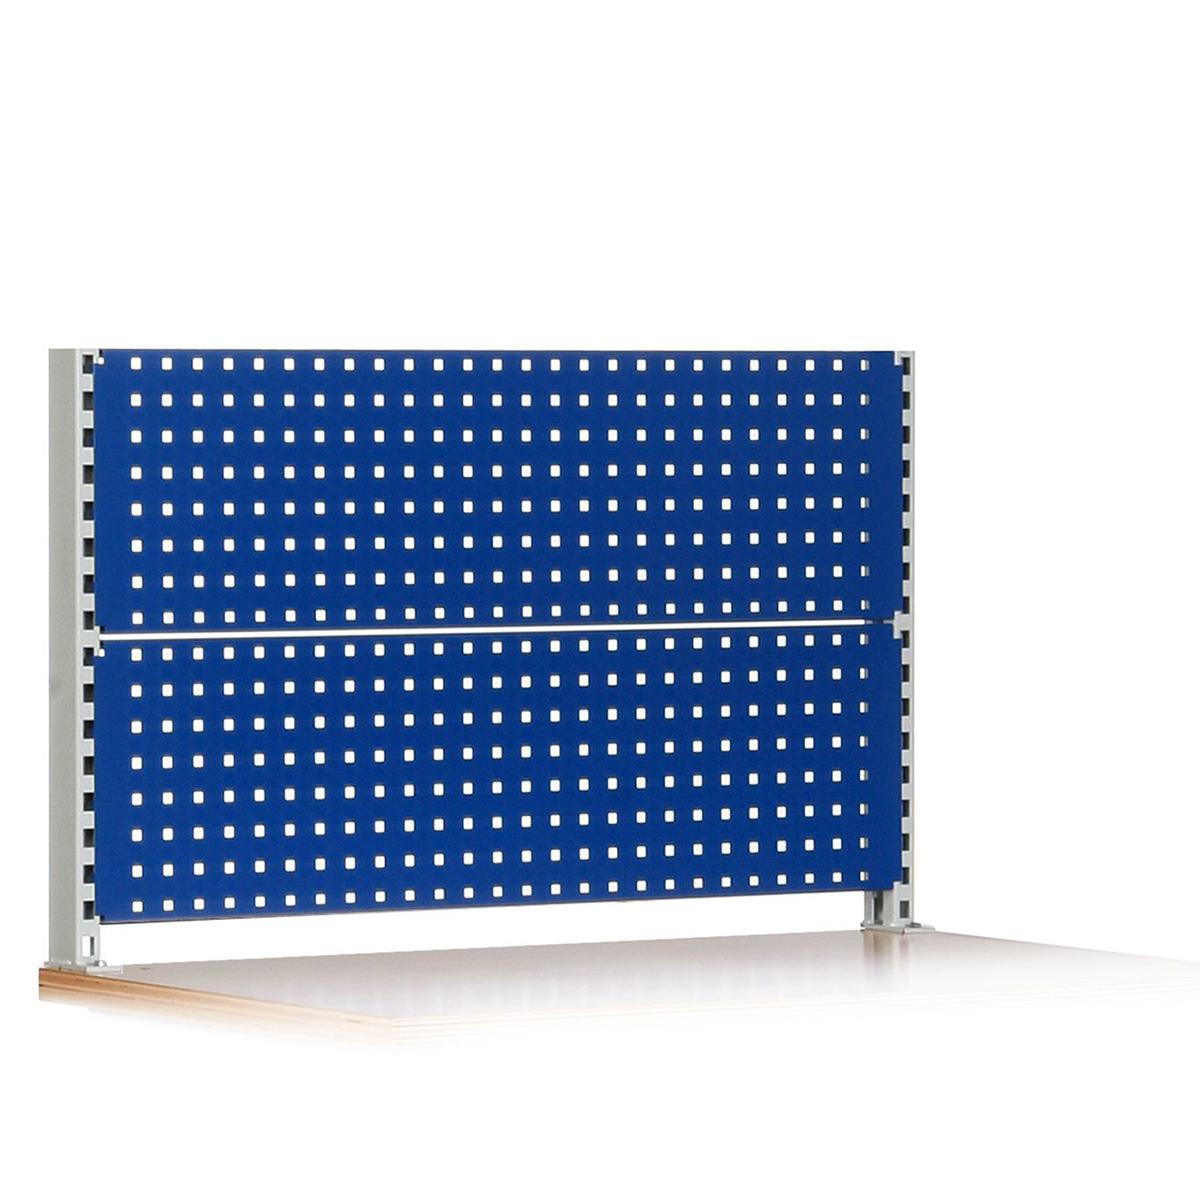 Protaurus Multiwand 650 L mit 2 Lochplatten, 650mm hoch 49-1004